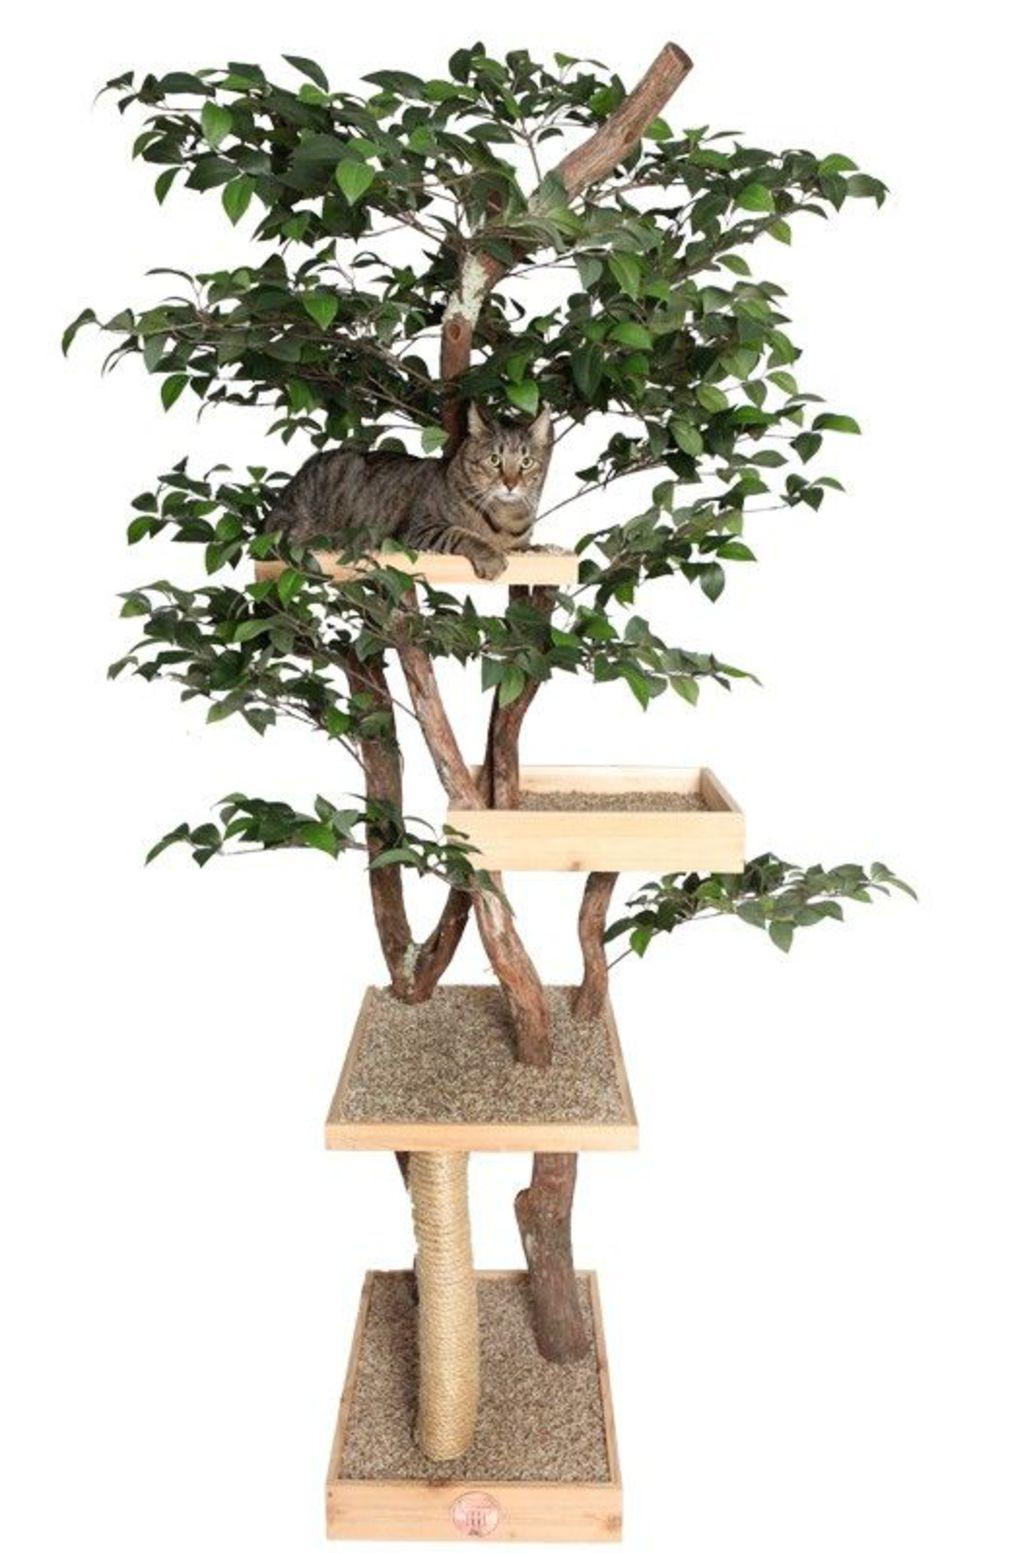 arbre chat 25 mod les originaux rep r s sur pinterest. Black Bedroom Furniture Sets. Home Design Ideas